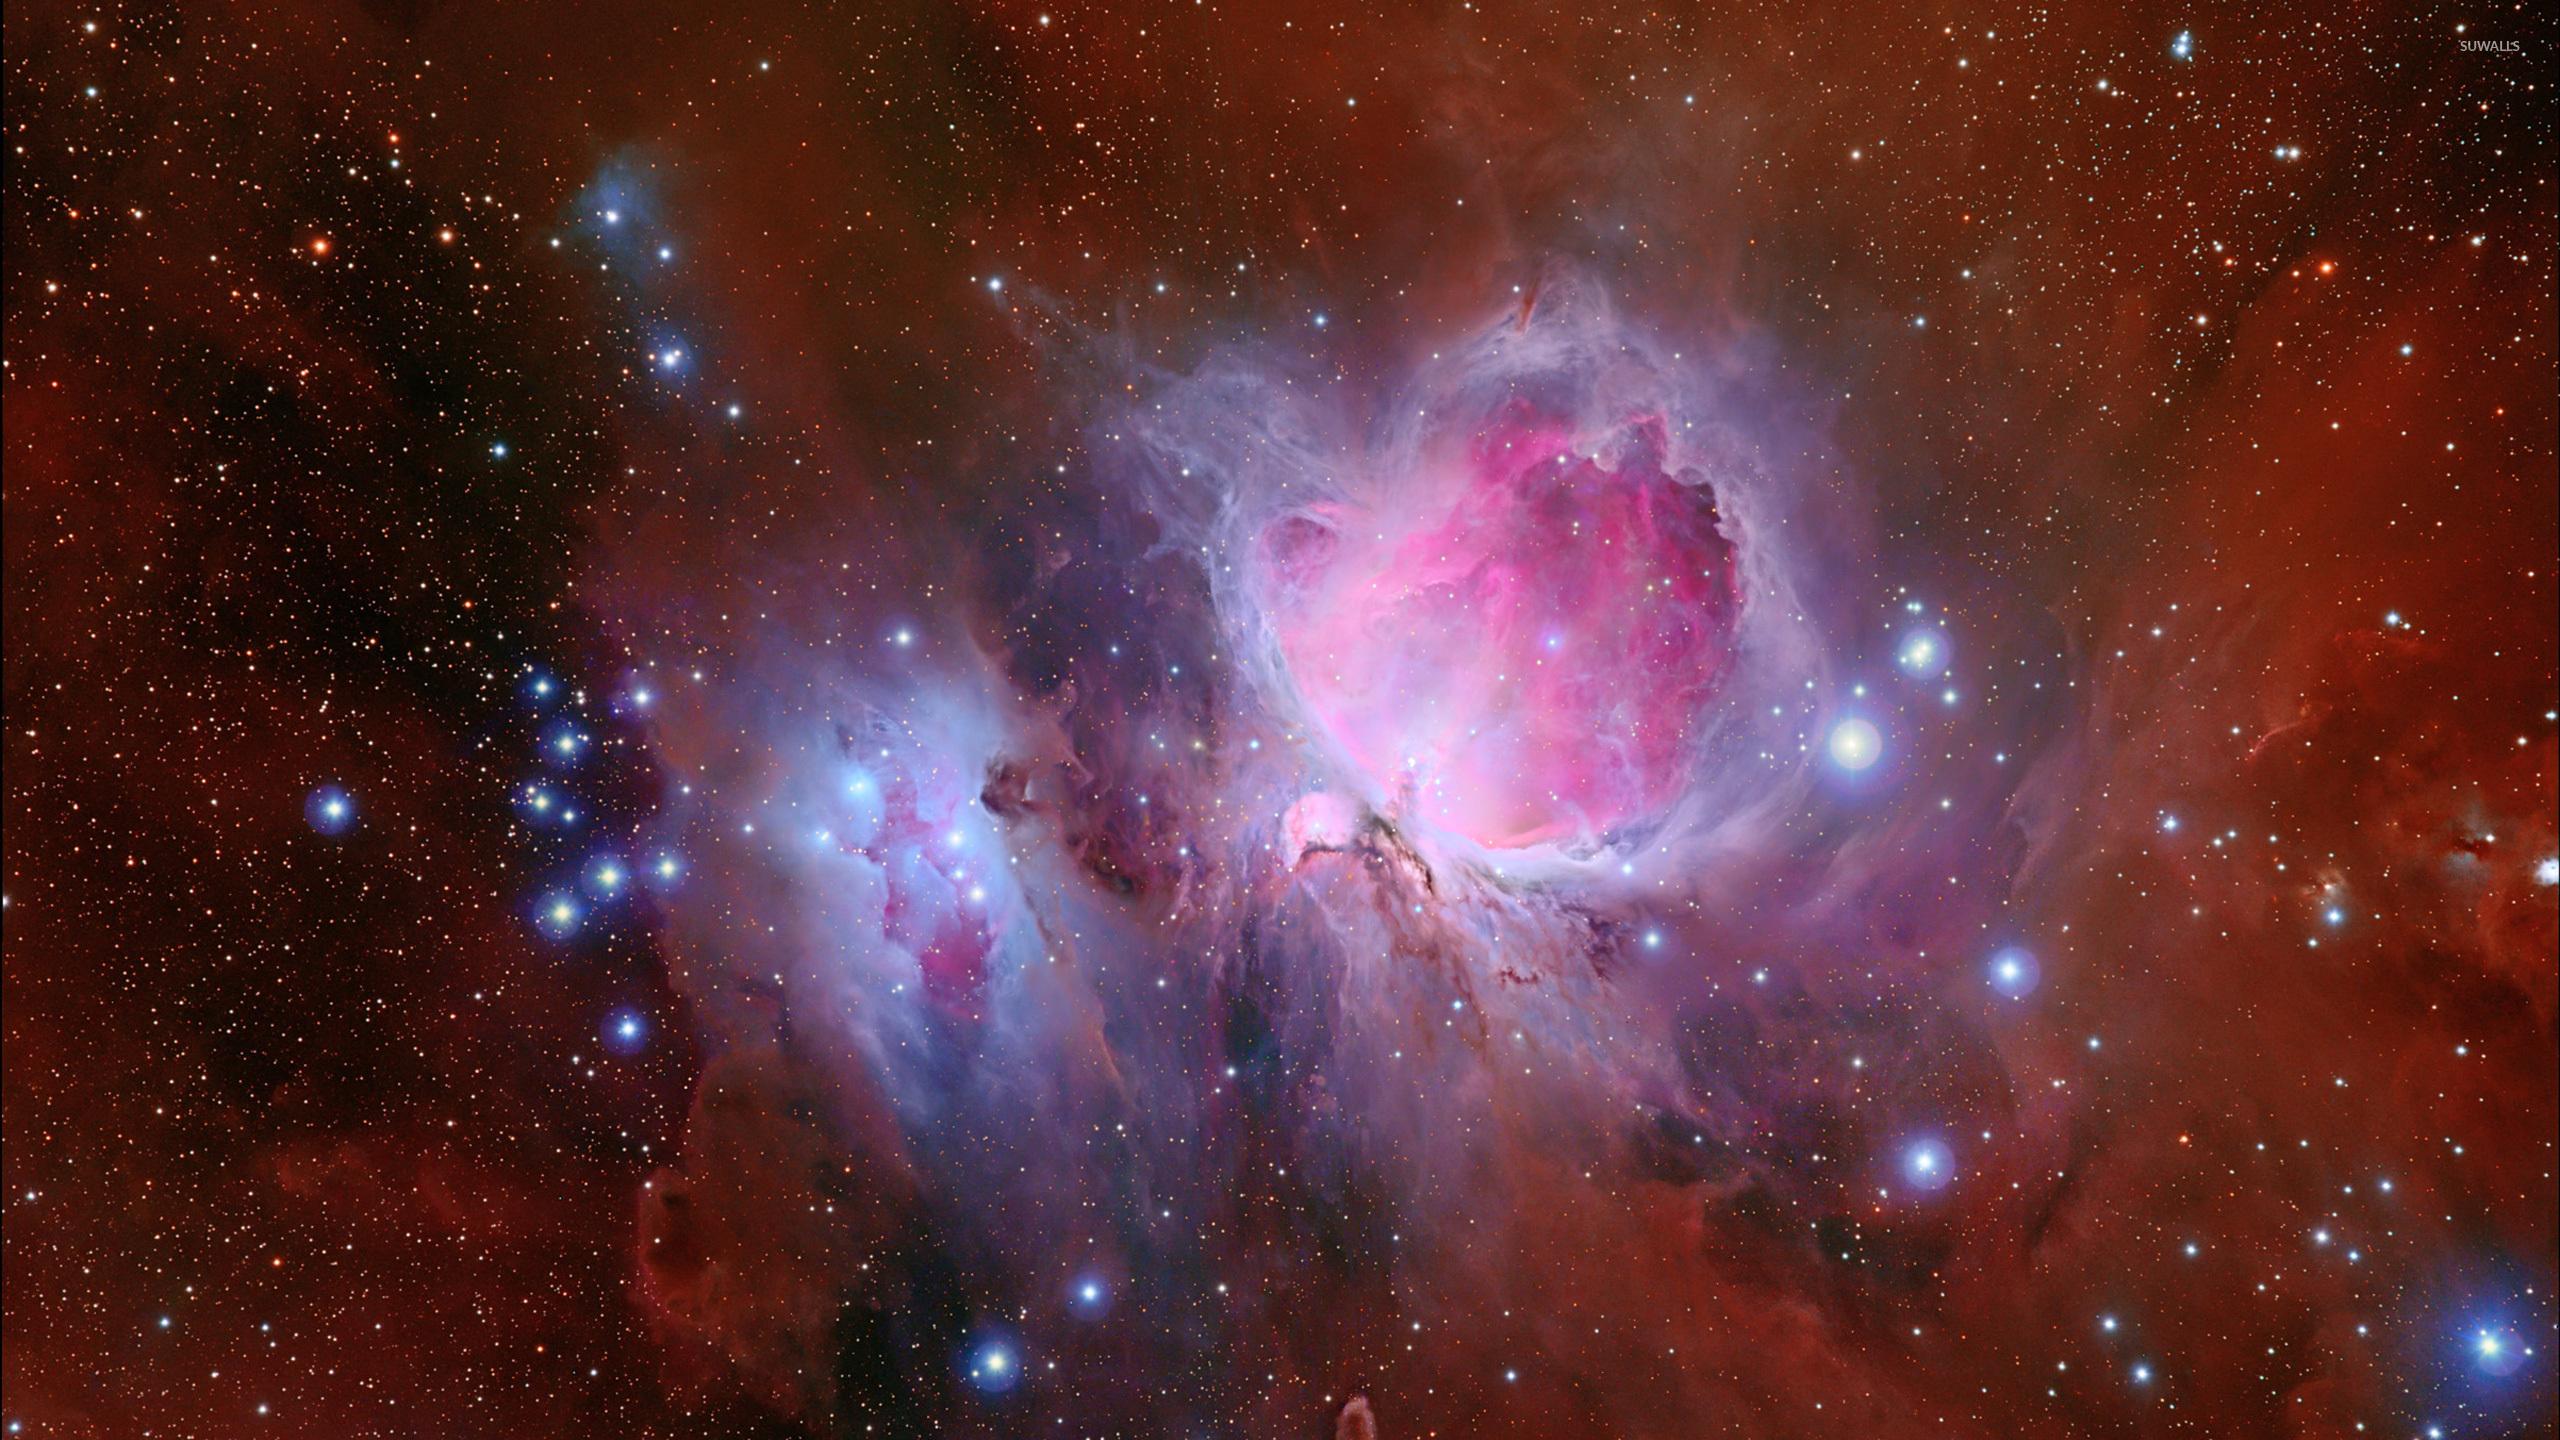 nebula 2560x1440 - photo #49